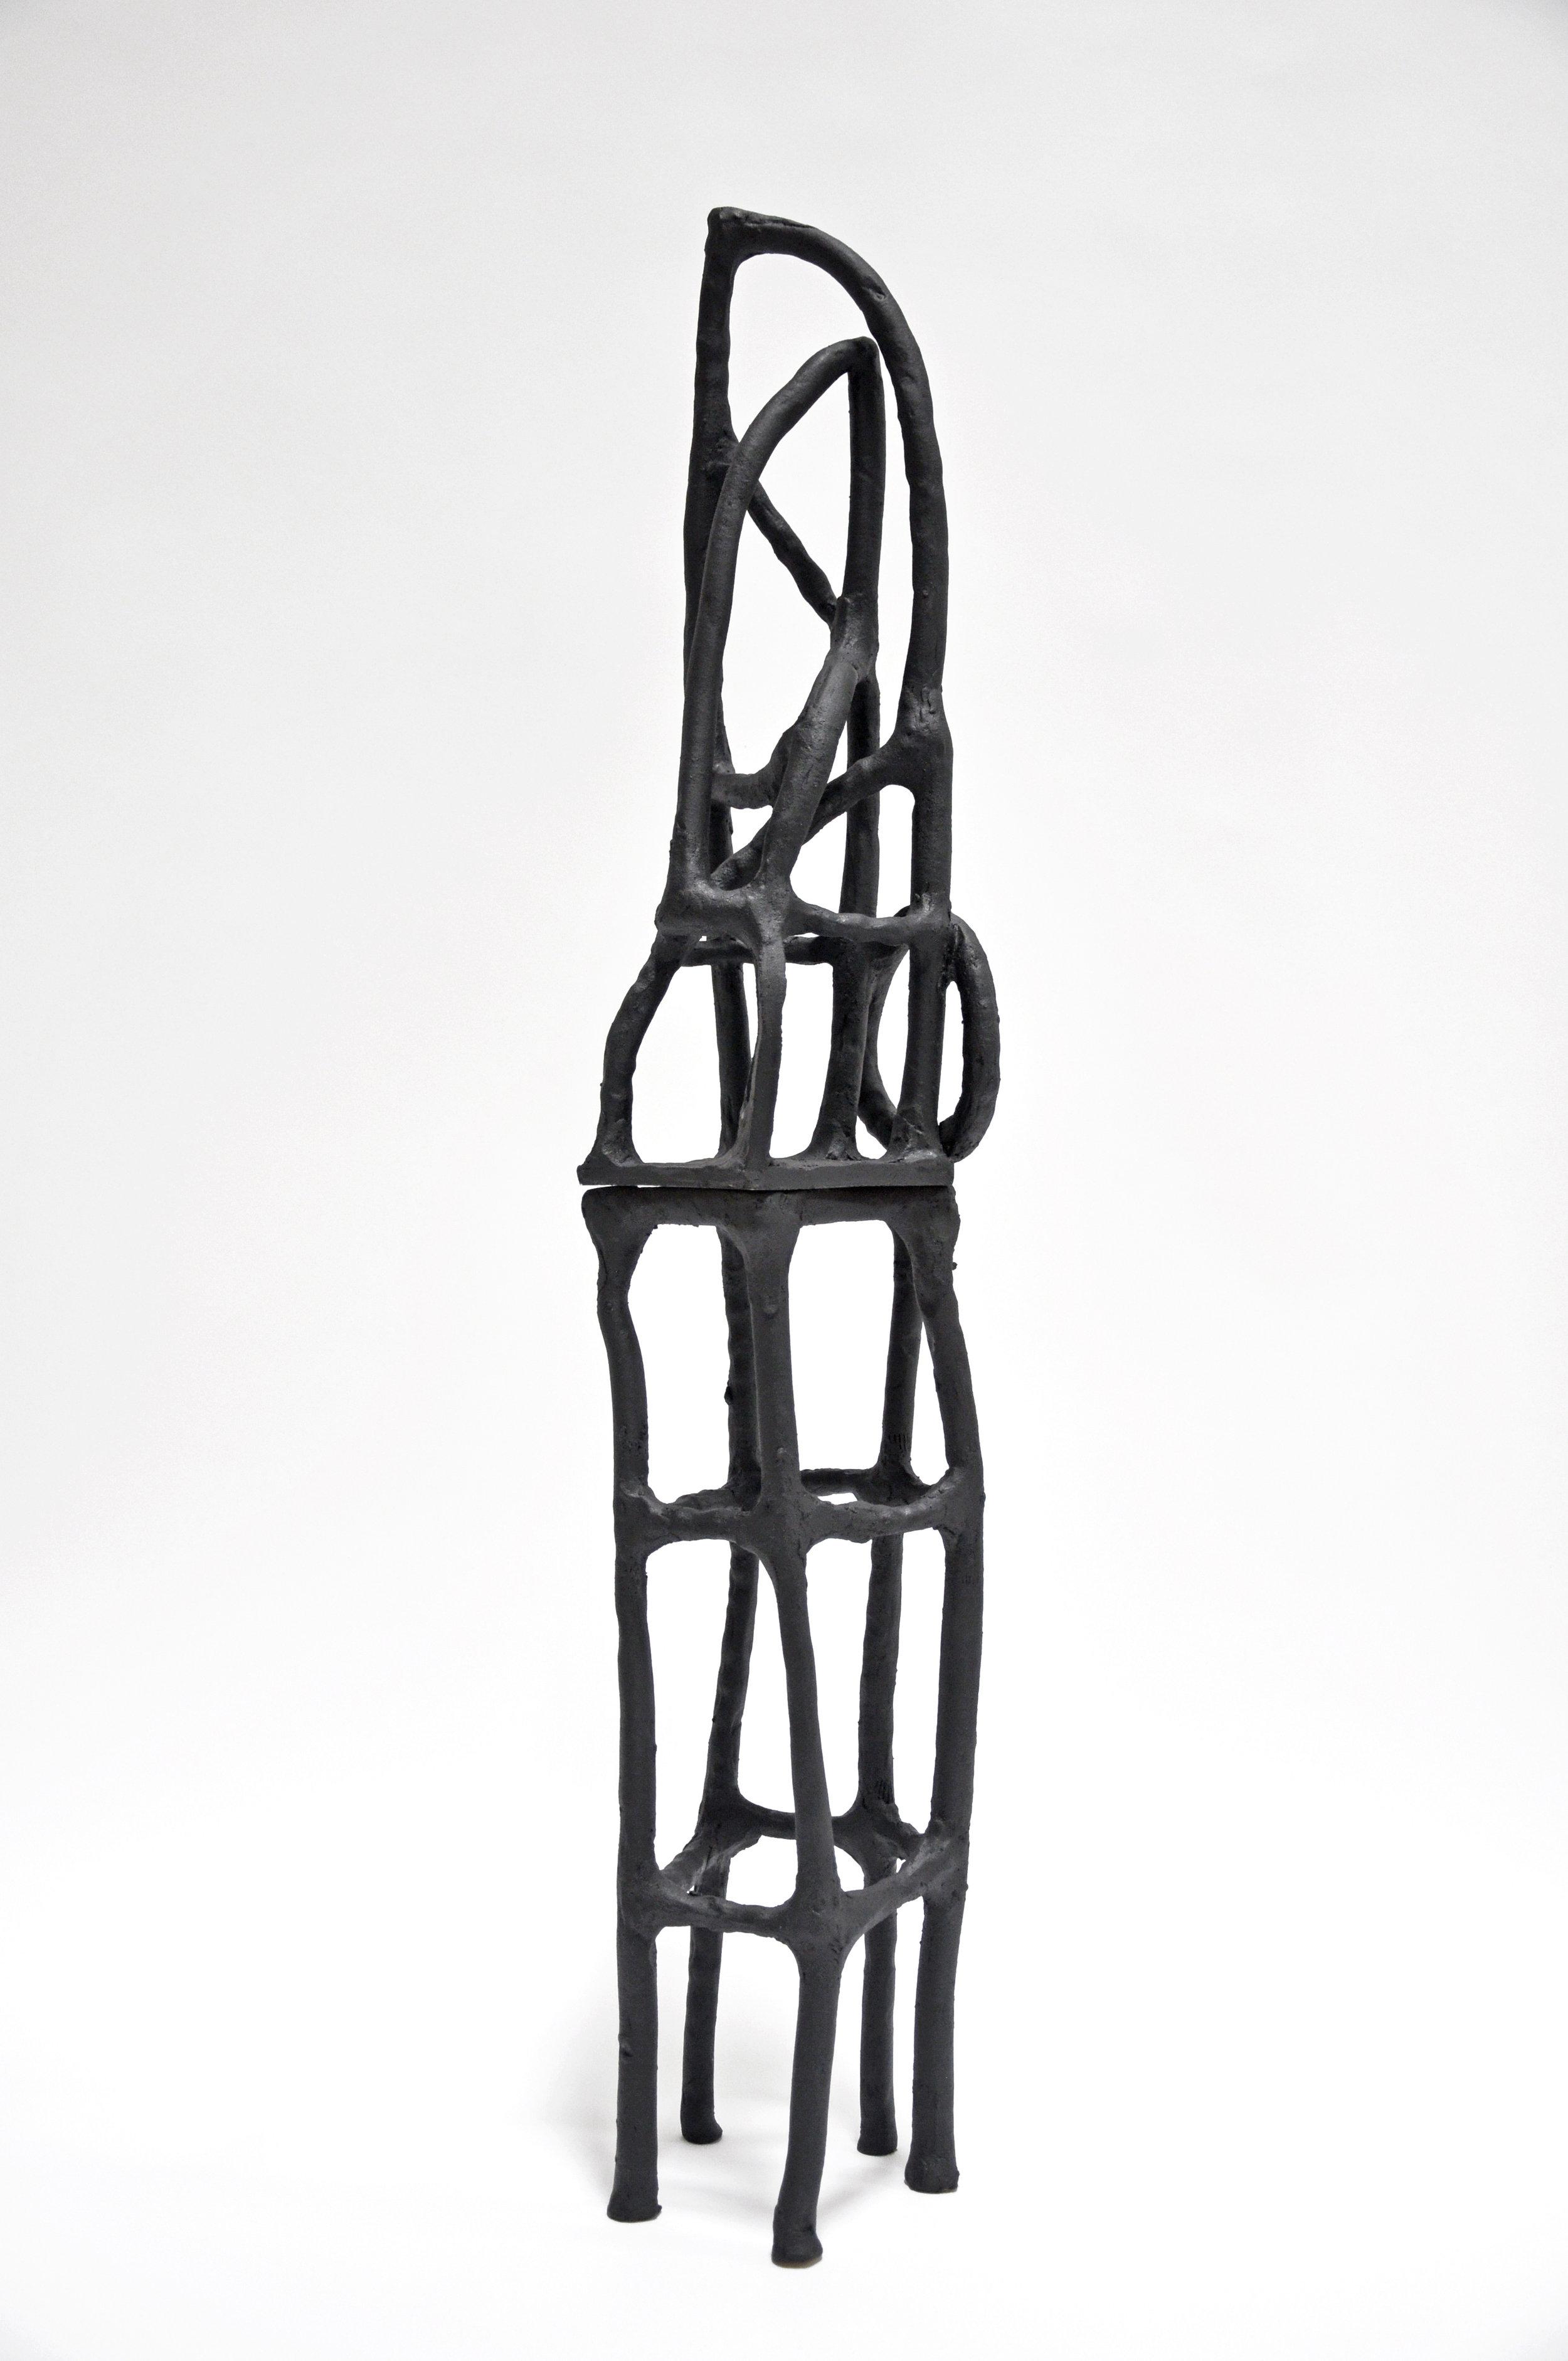 Nick Makanna, Rune XXXV, 2019, Glazed ceramic, 45 x 7.5 x 7 in, $2800